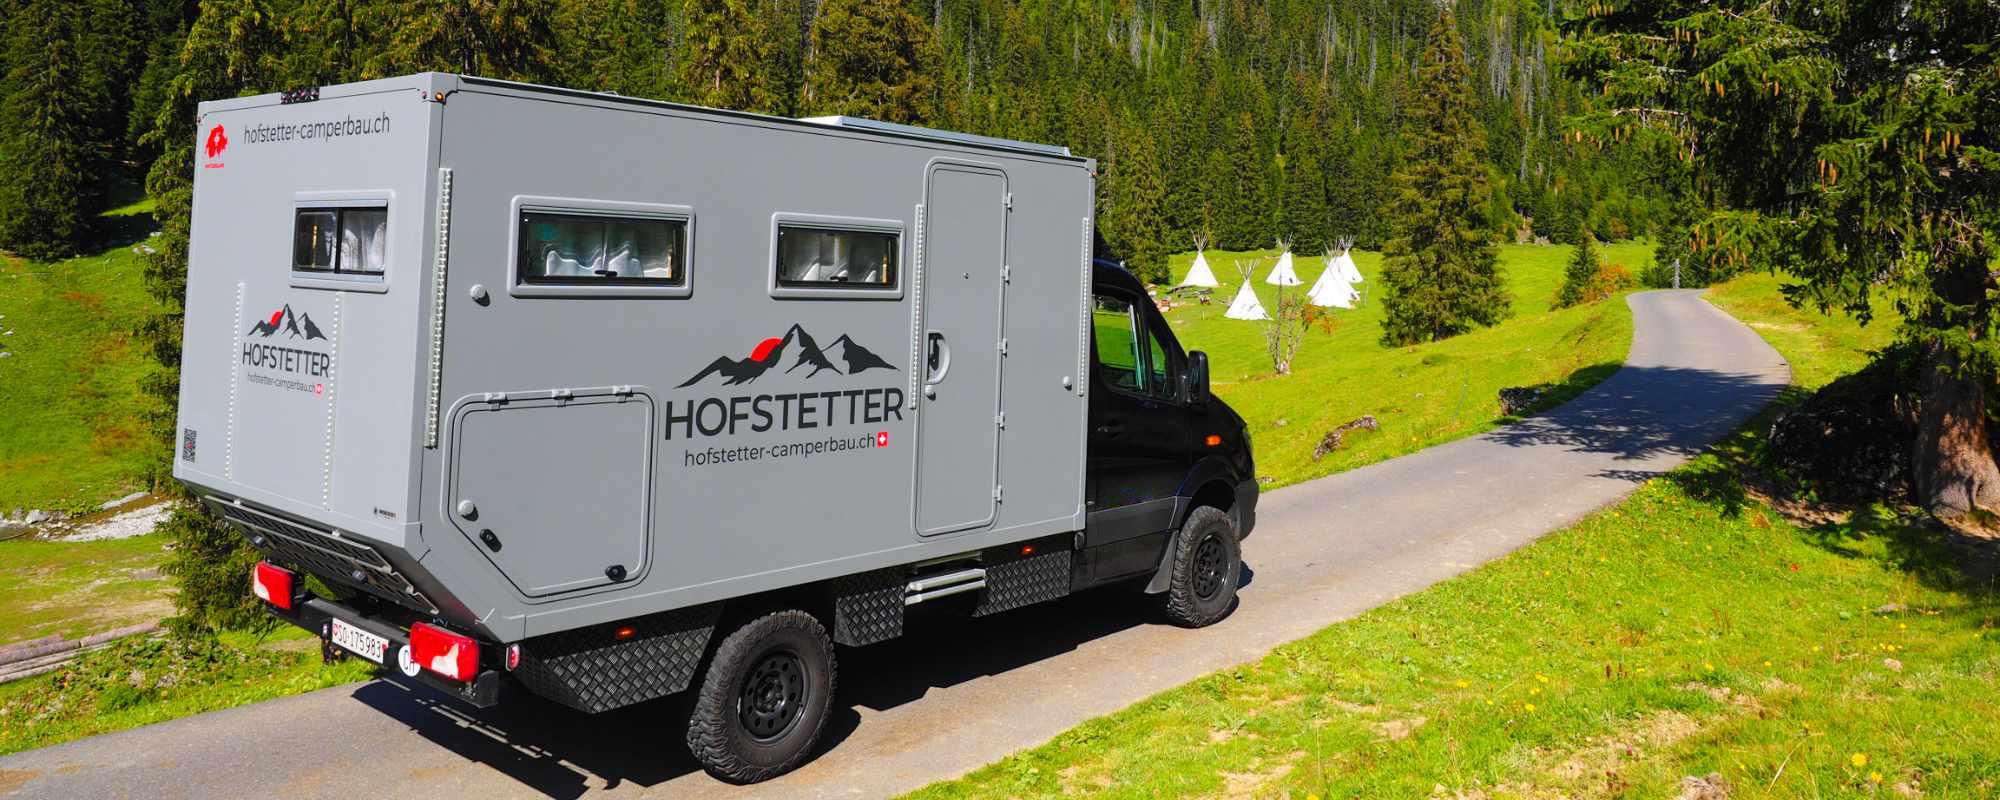 Hofstetter Camper Unterwegs